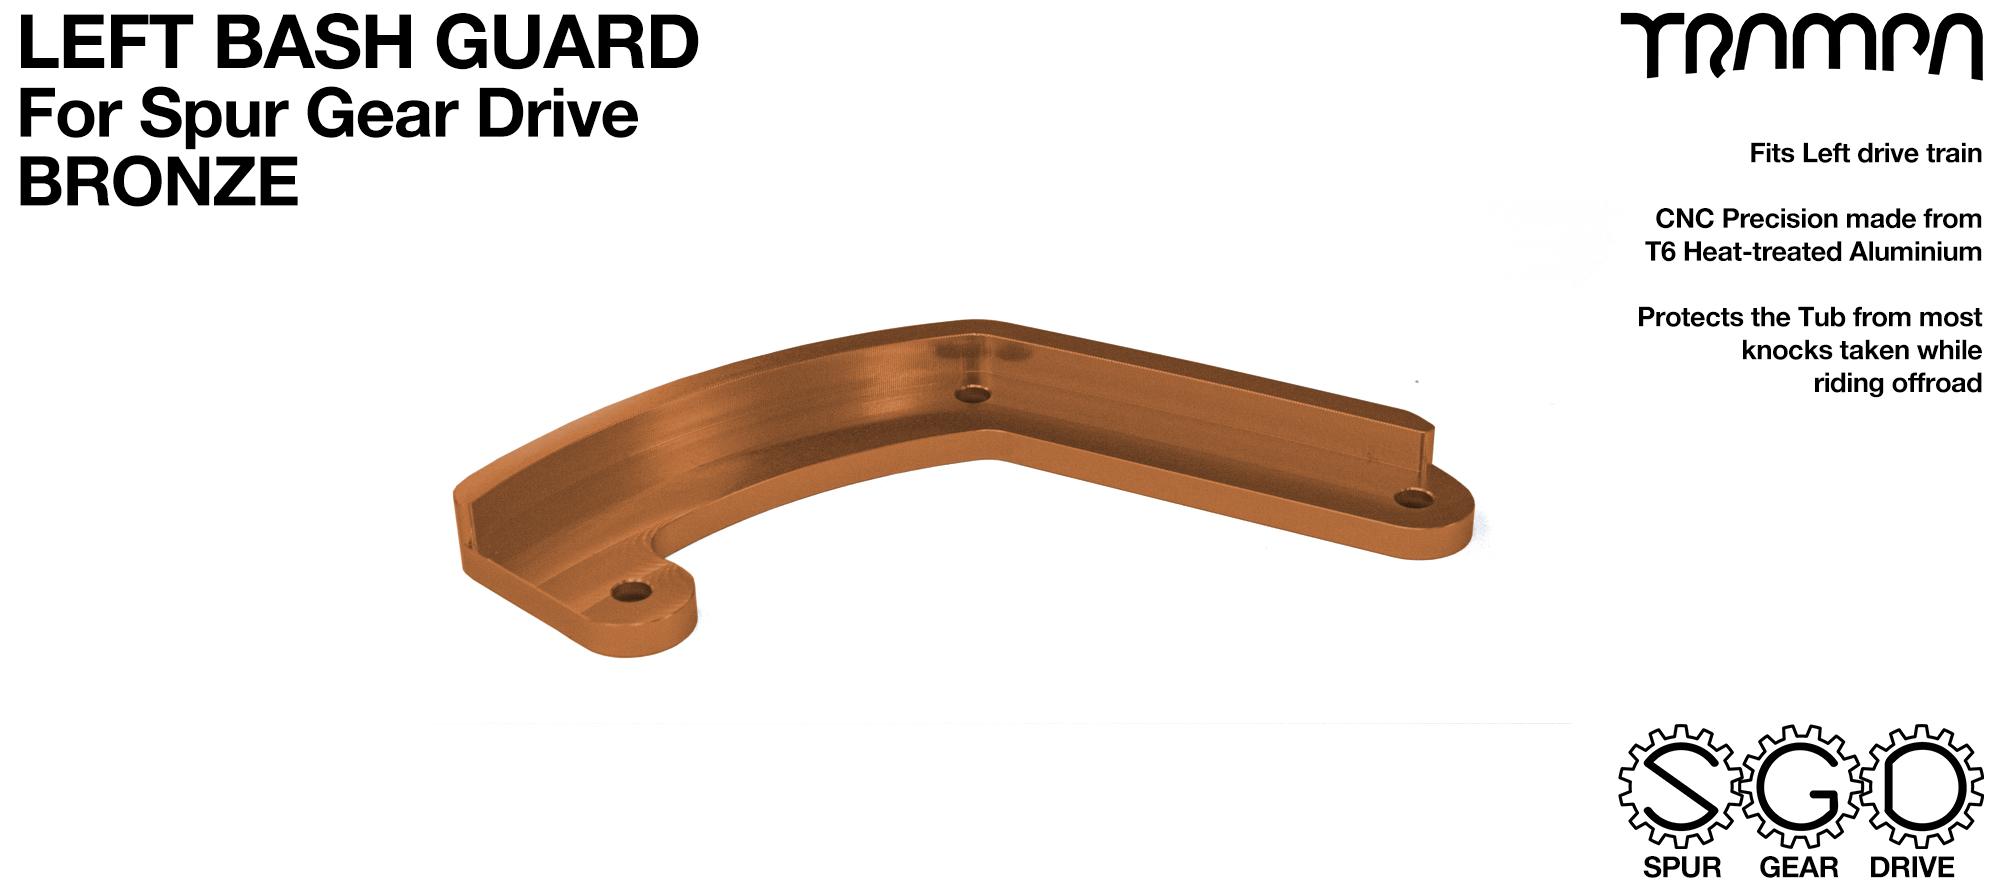 SPUR Gear Drive Bash Guard - LEFT Side - BRONZE